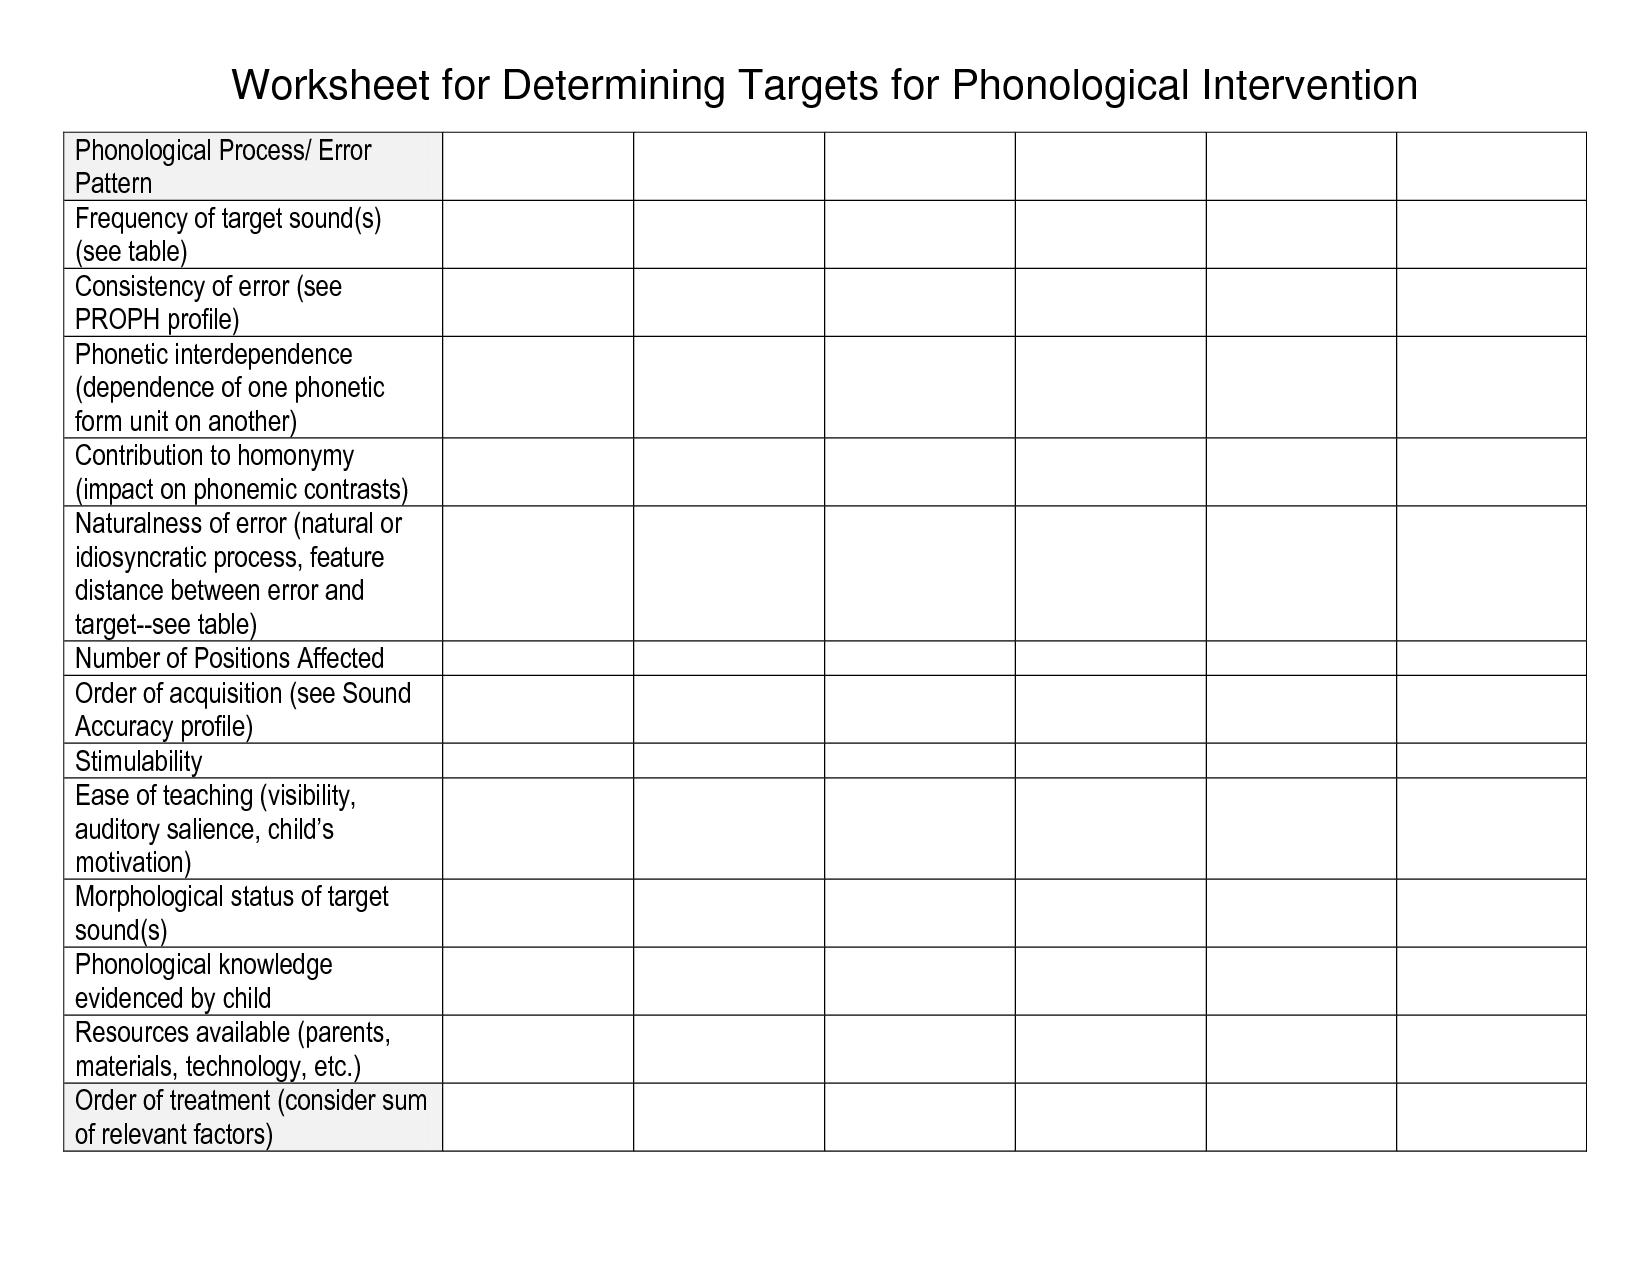 18 Best Images Of Family Goal Setting Worksheet